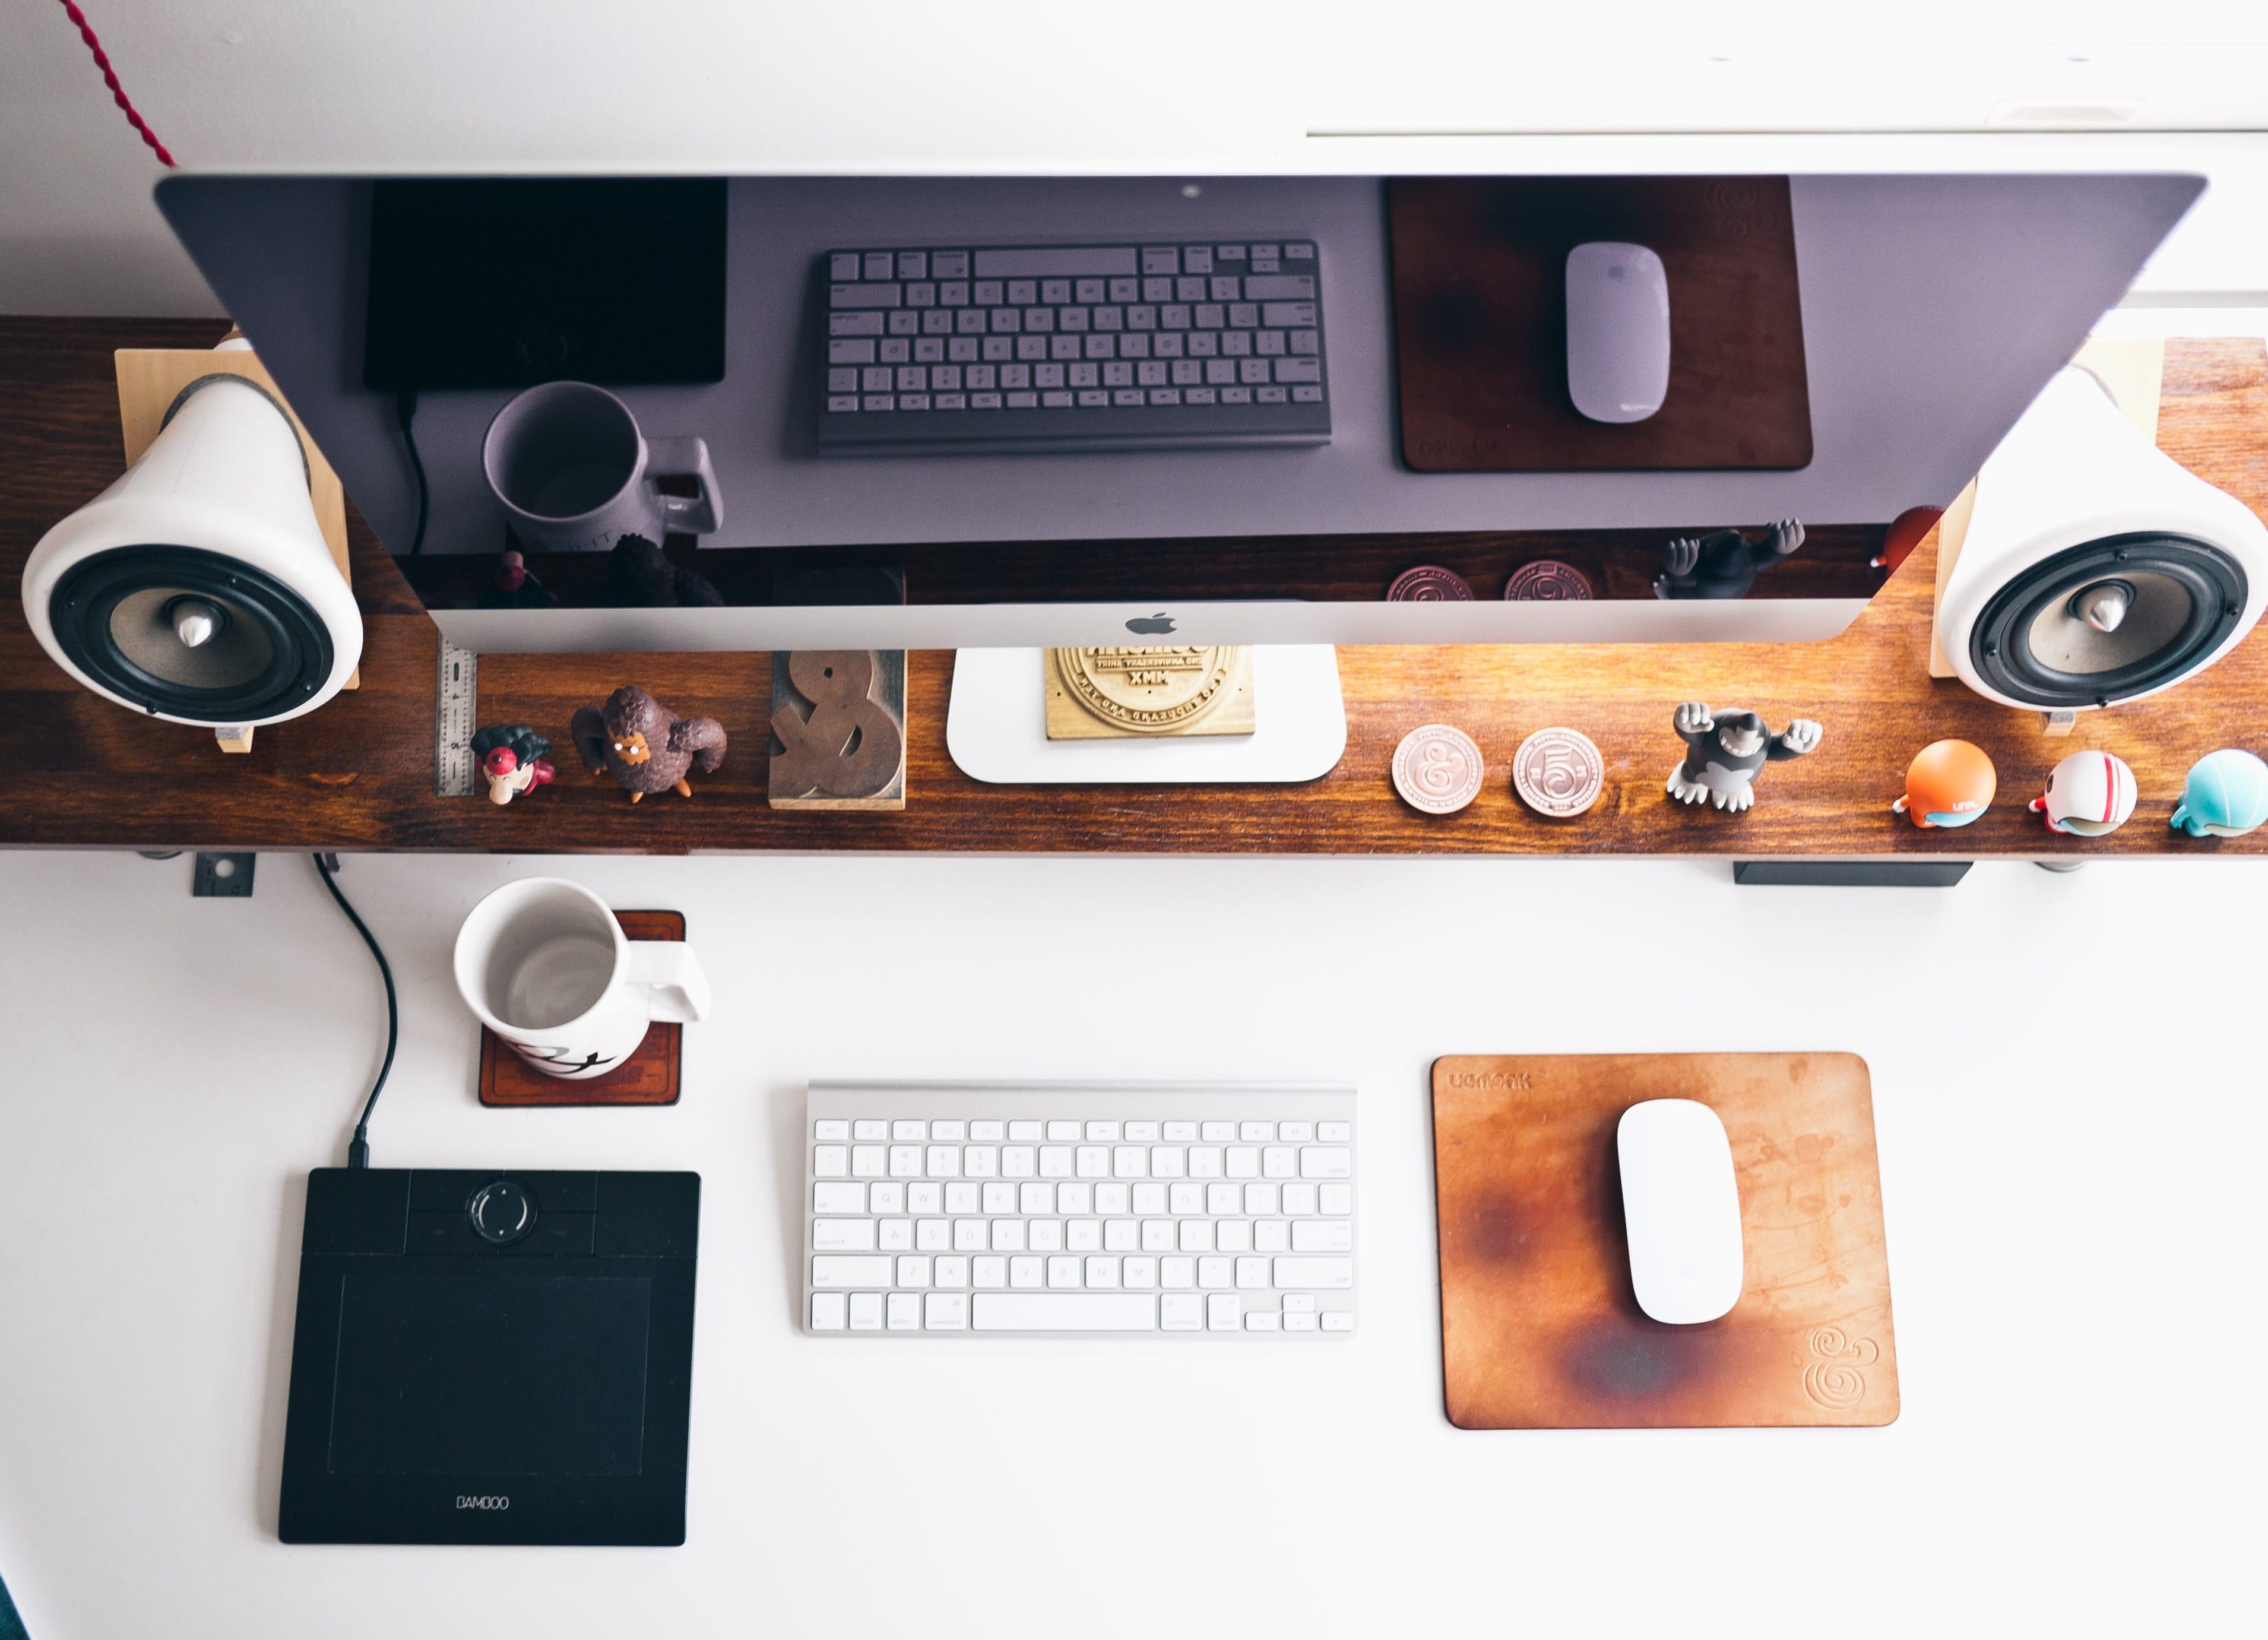 iMac en mesa con teclado y ratón